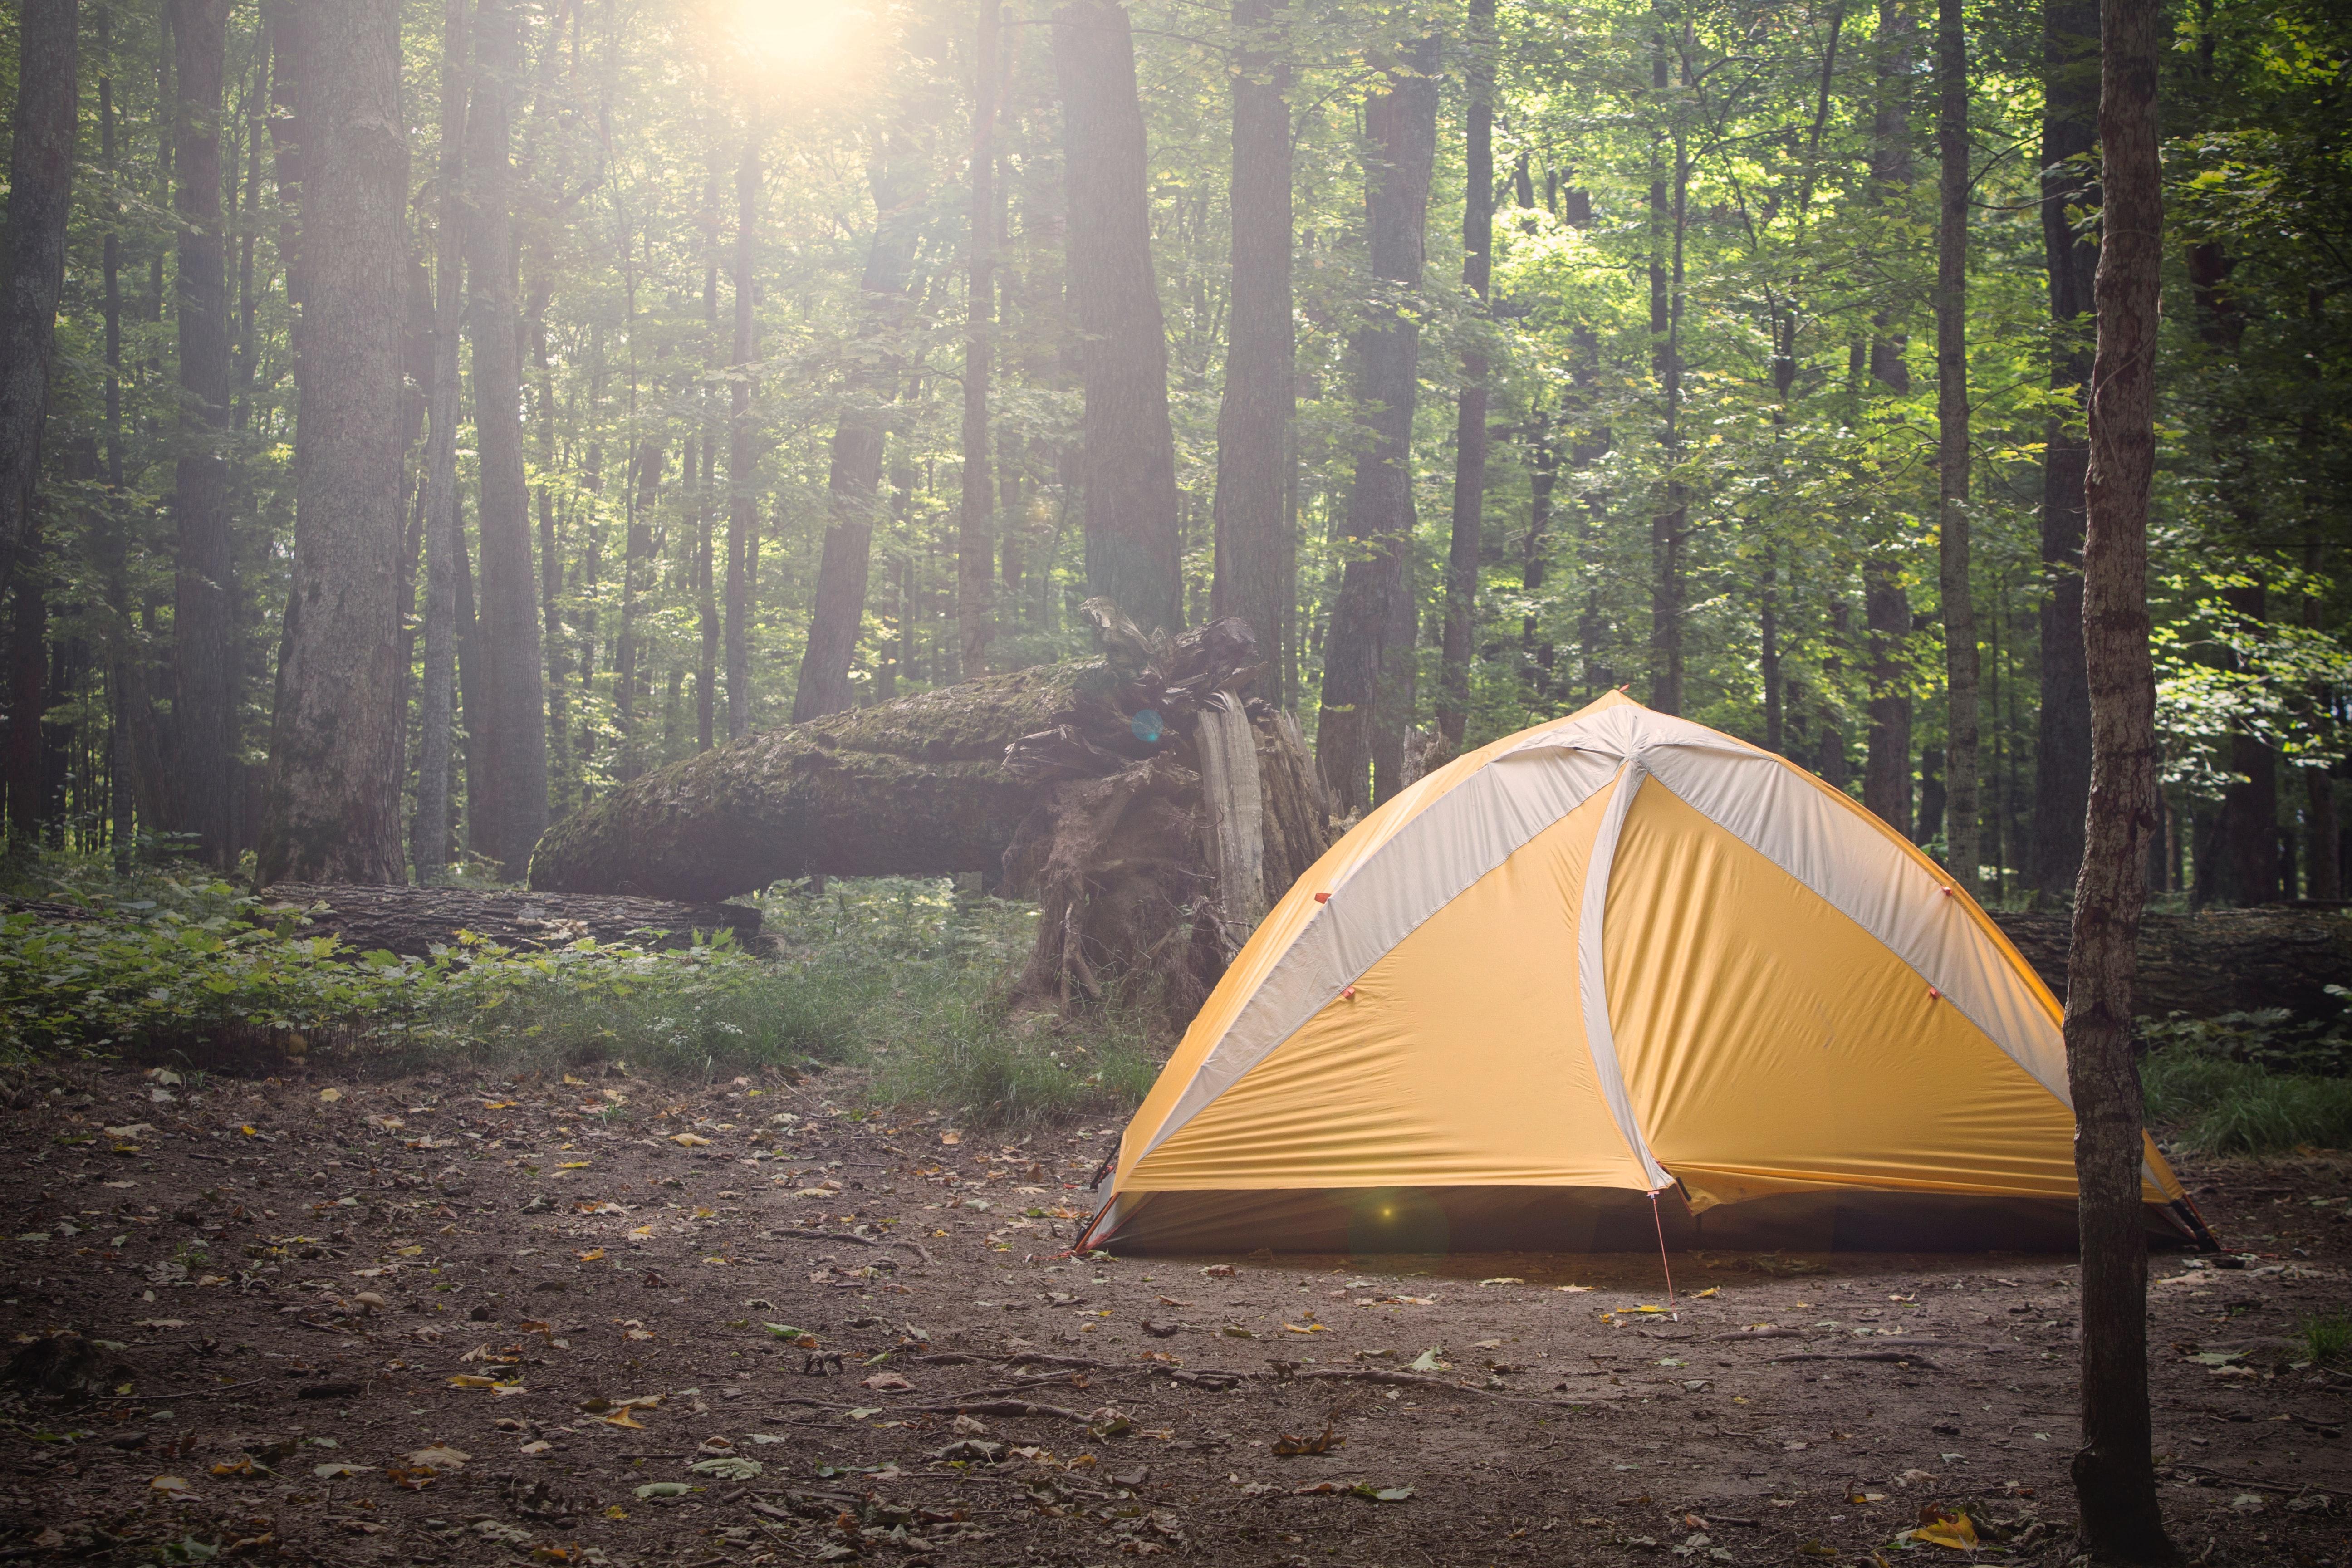 Natur, telt, skov. (Foto: Unsplash)